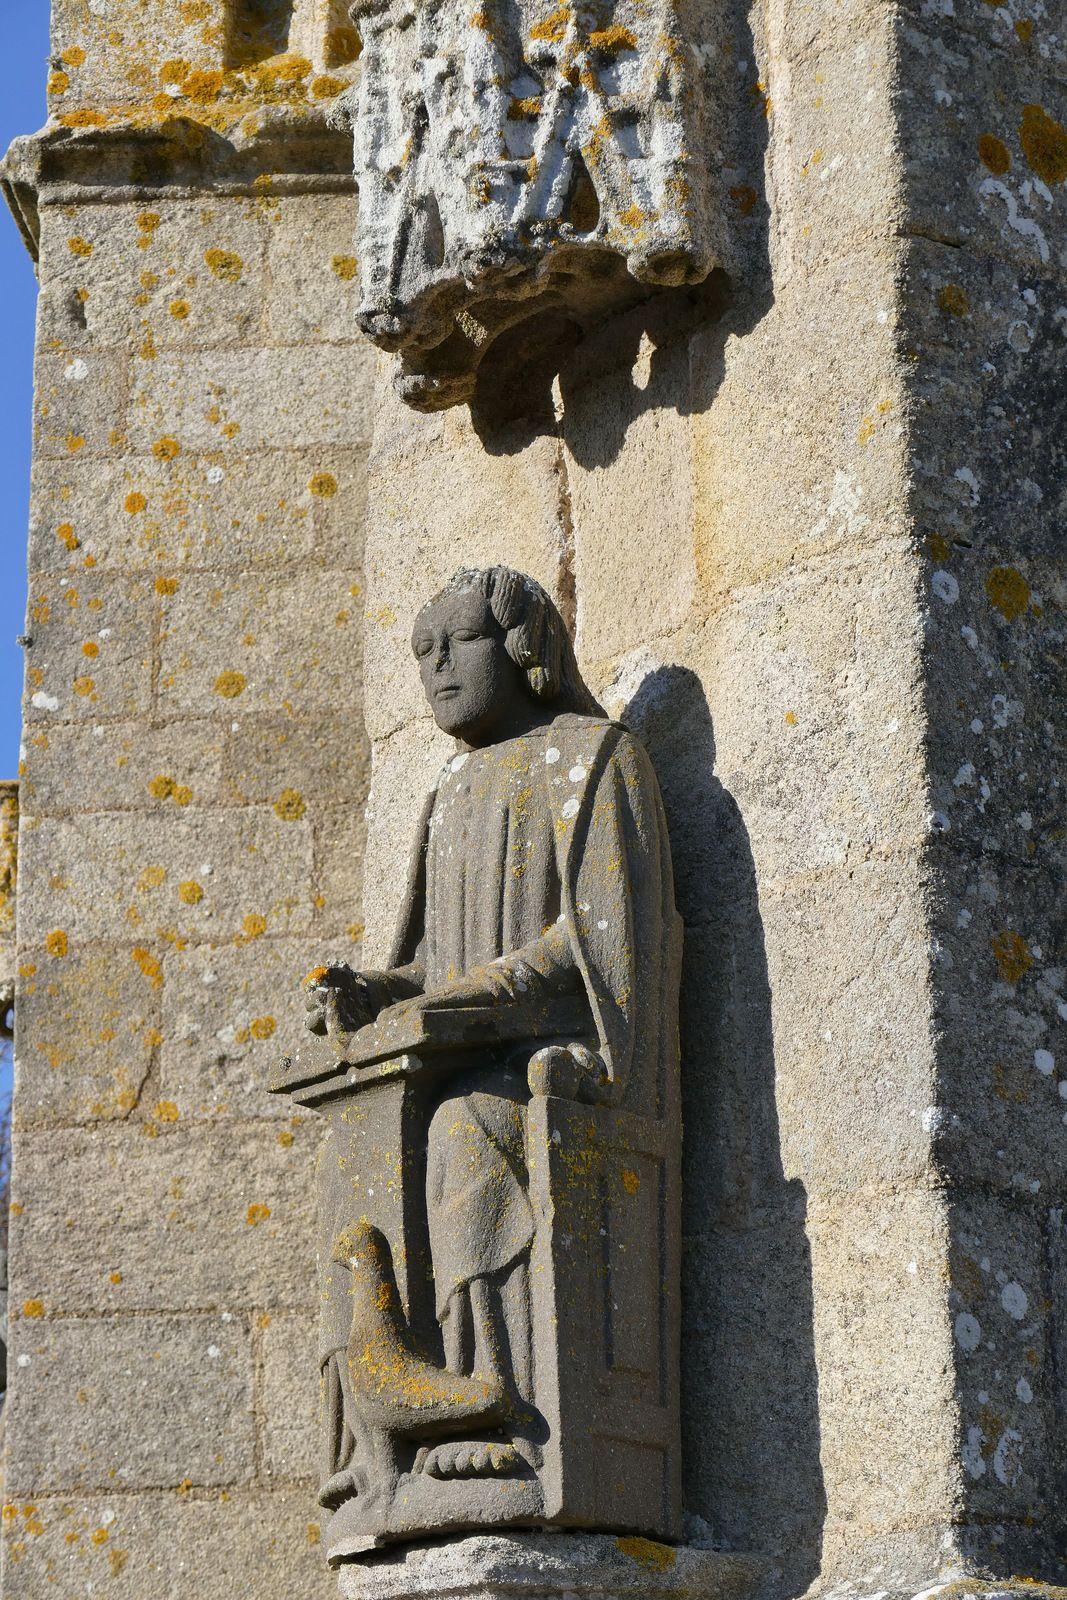 Saint Jean (kersanton, Maître de Plougastel, début XVIIe),  chapelle Saint-Tugen en Primelin. Photographie lavieb-aile mars 2020.